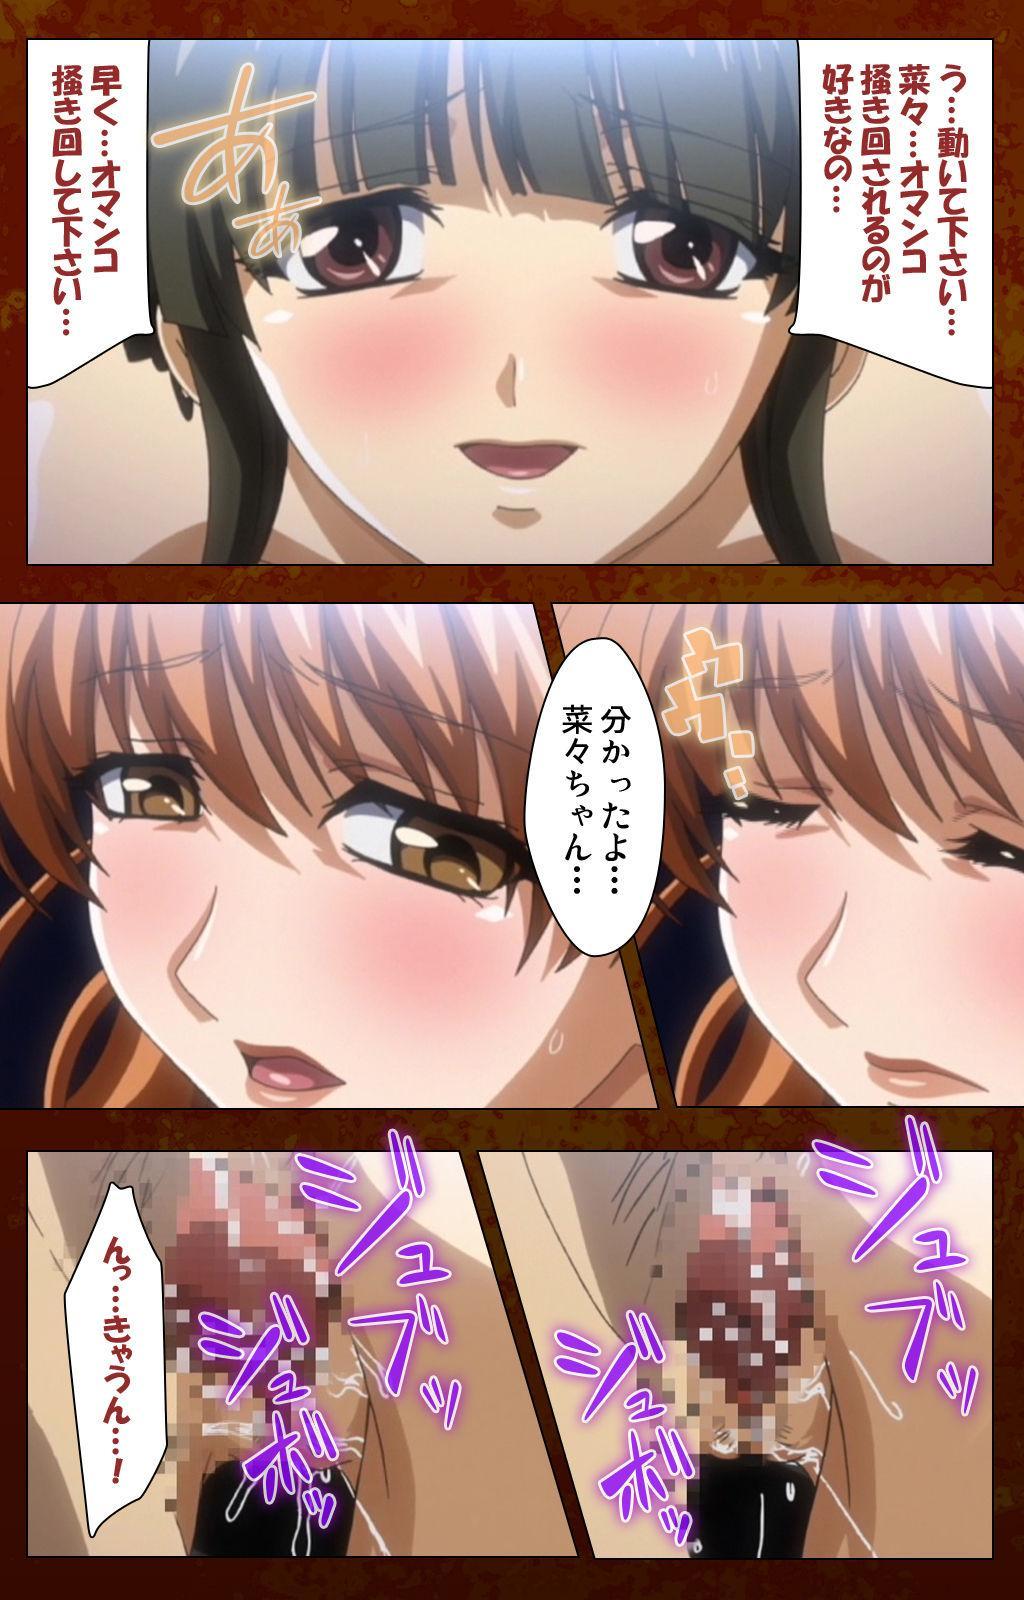 Anata no Shiranai Kangofu Zenpen Complete Ban 106